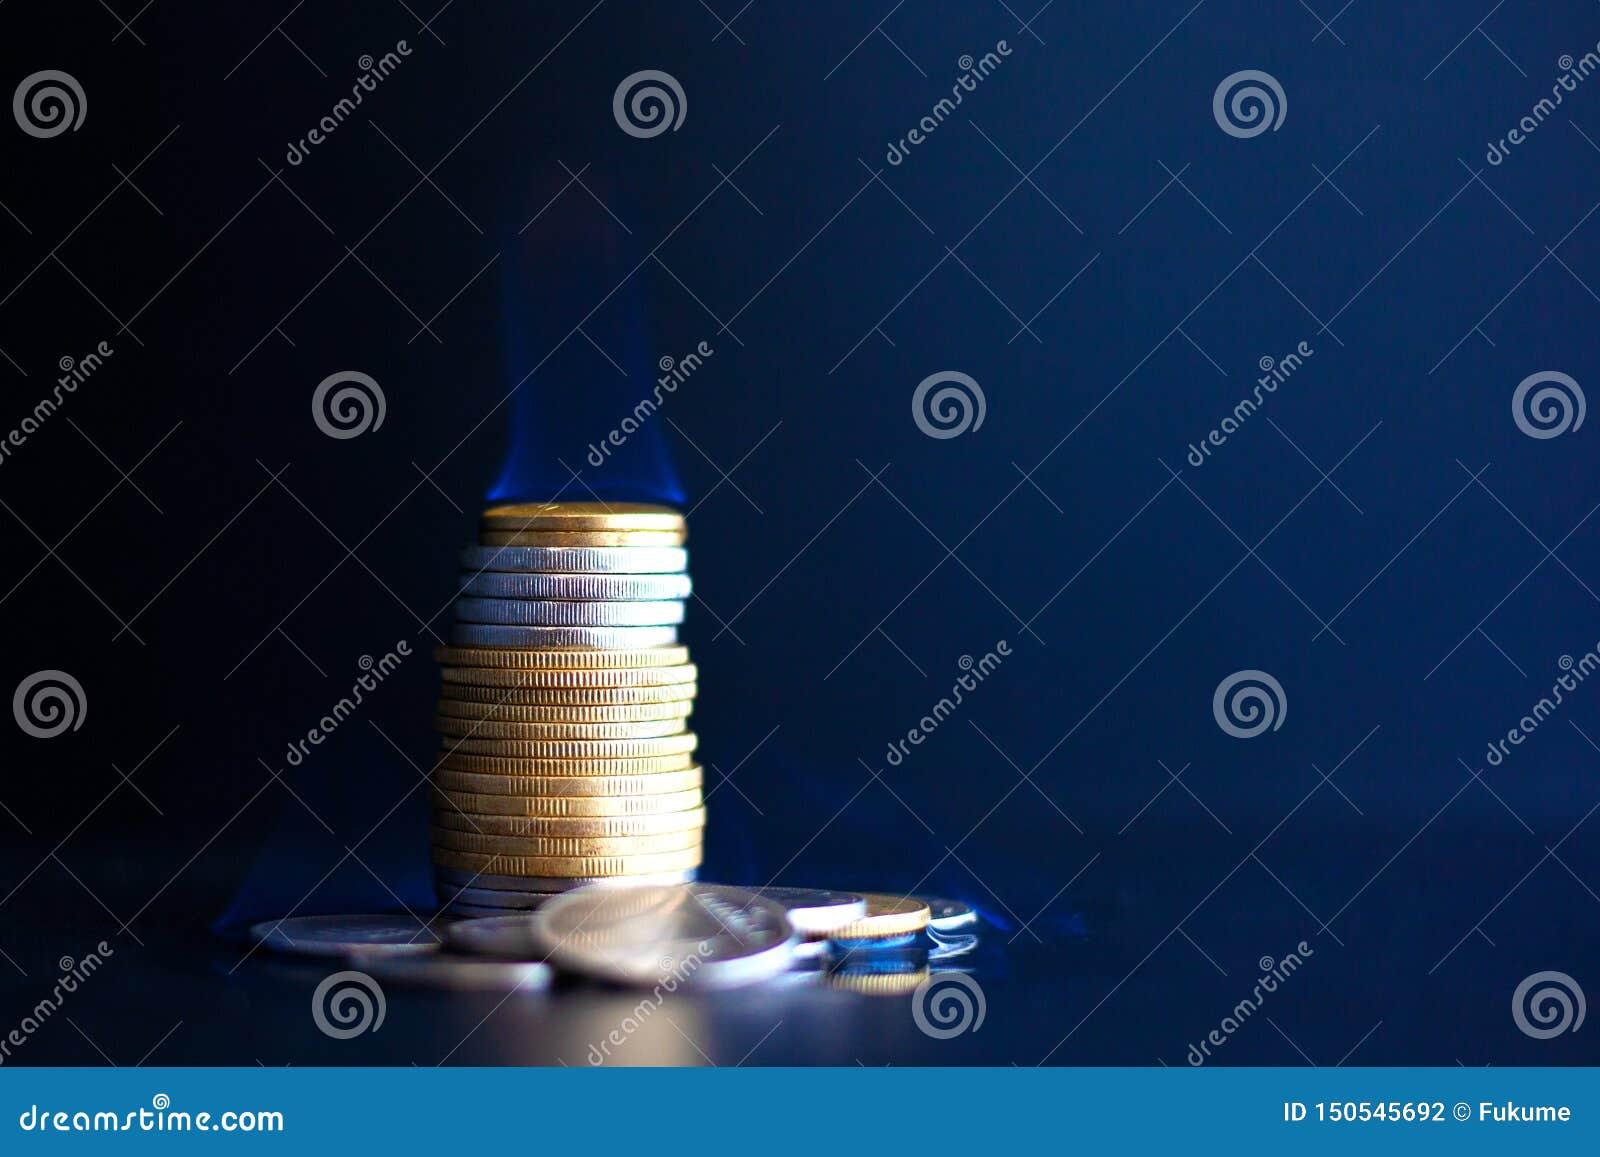 Τρεξίματα χρημάτων έννοιας έξω γρήγορα, έγκαυμα νομισμάτων μετάλλων με μια μπλε φλόγα